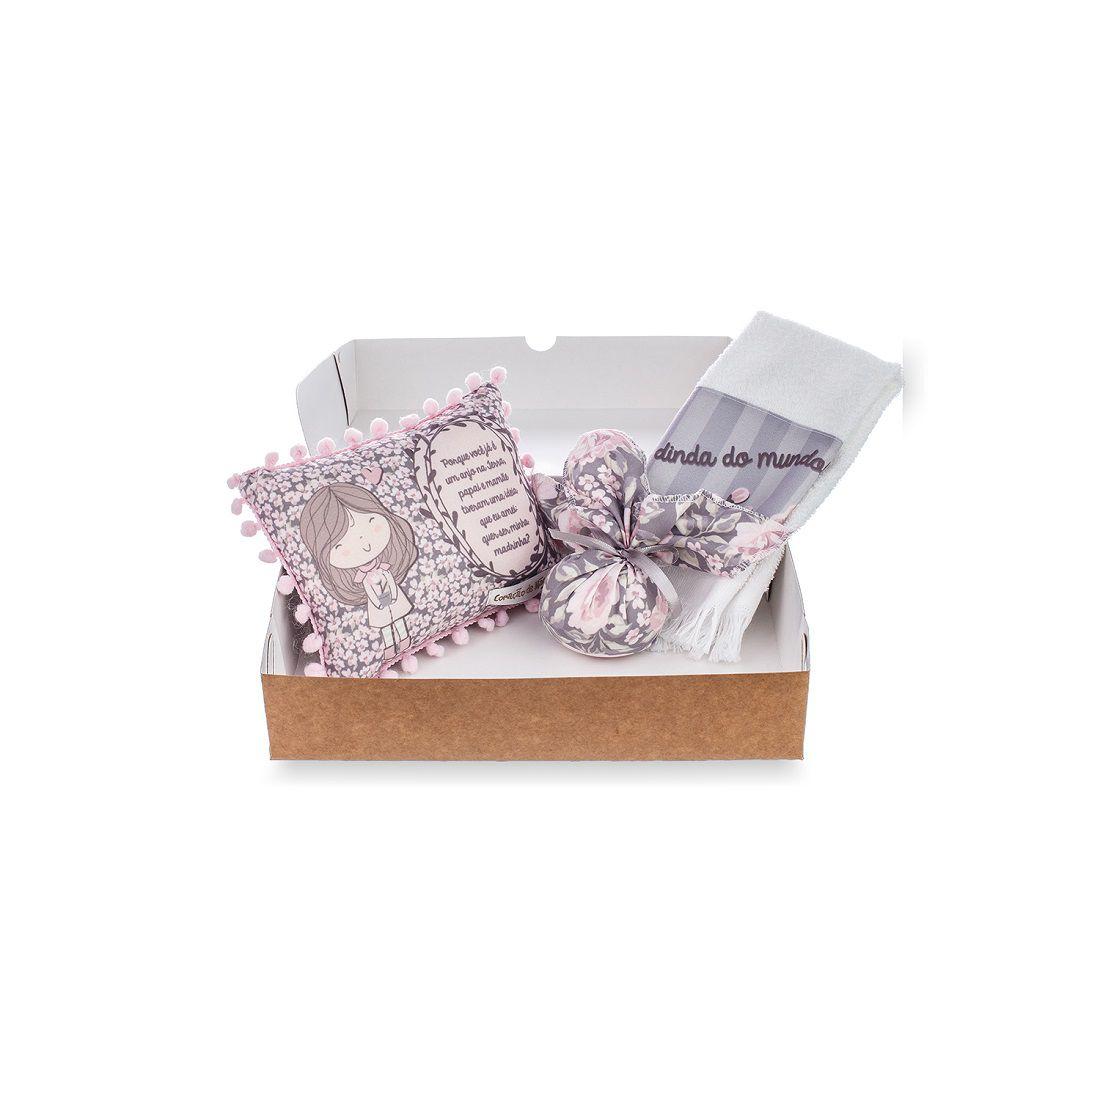 Kit Dinda - Almofadinha, Sachê e Toalha de Mão - Coleção Buque Rosa com Cinza